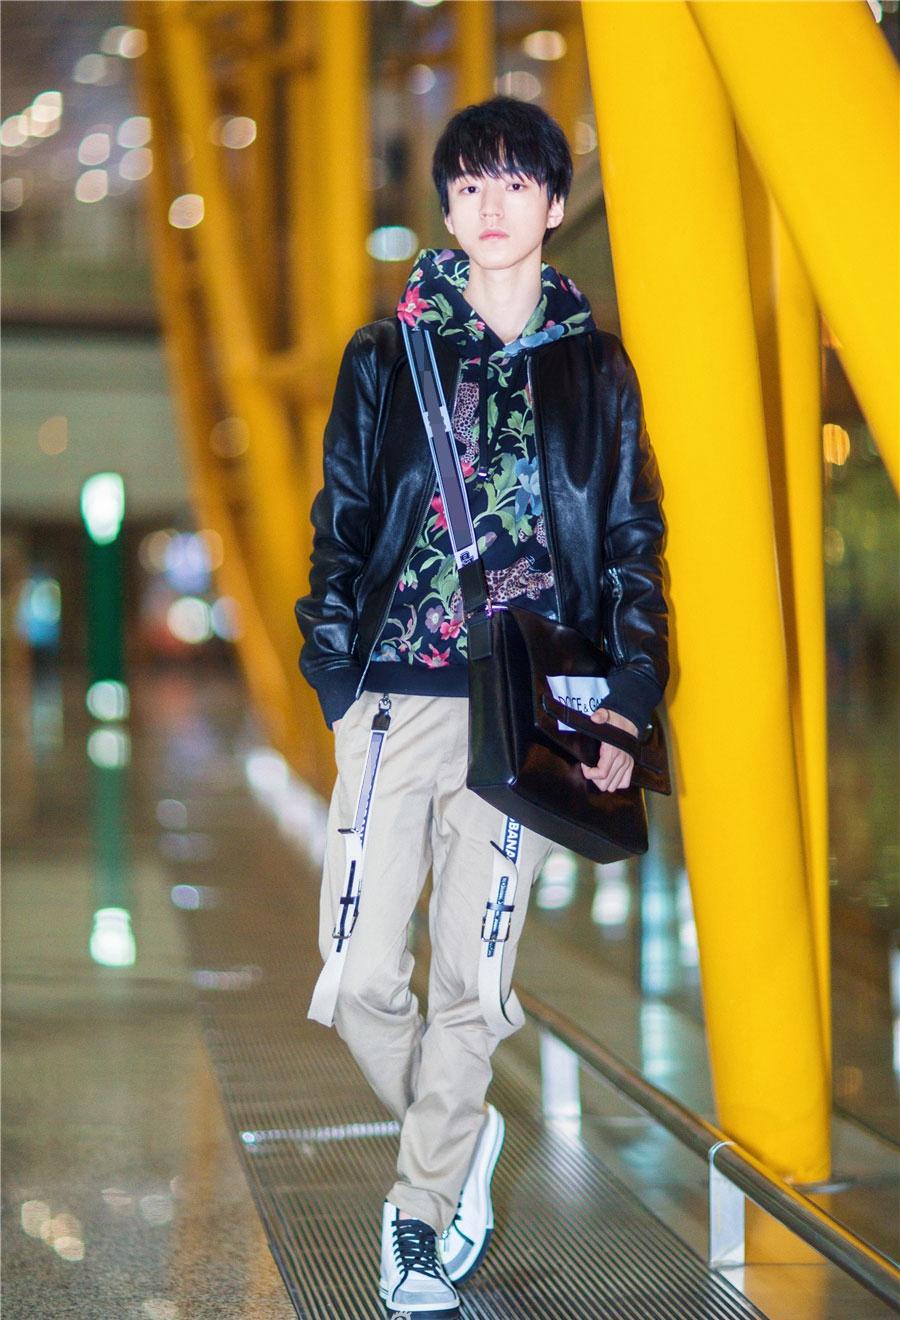 王俊凯同款衣服卫衣